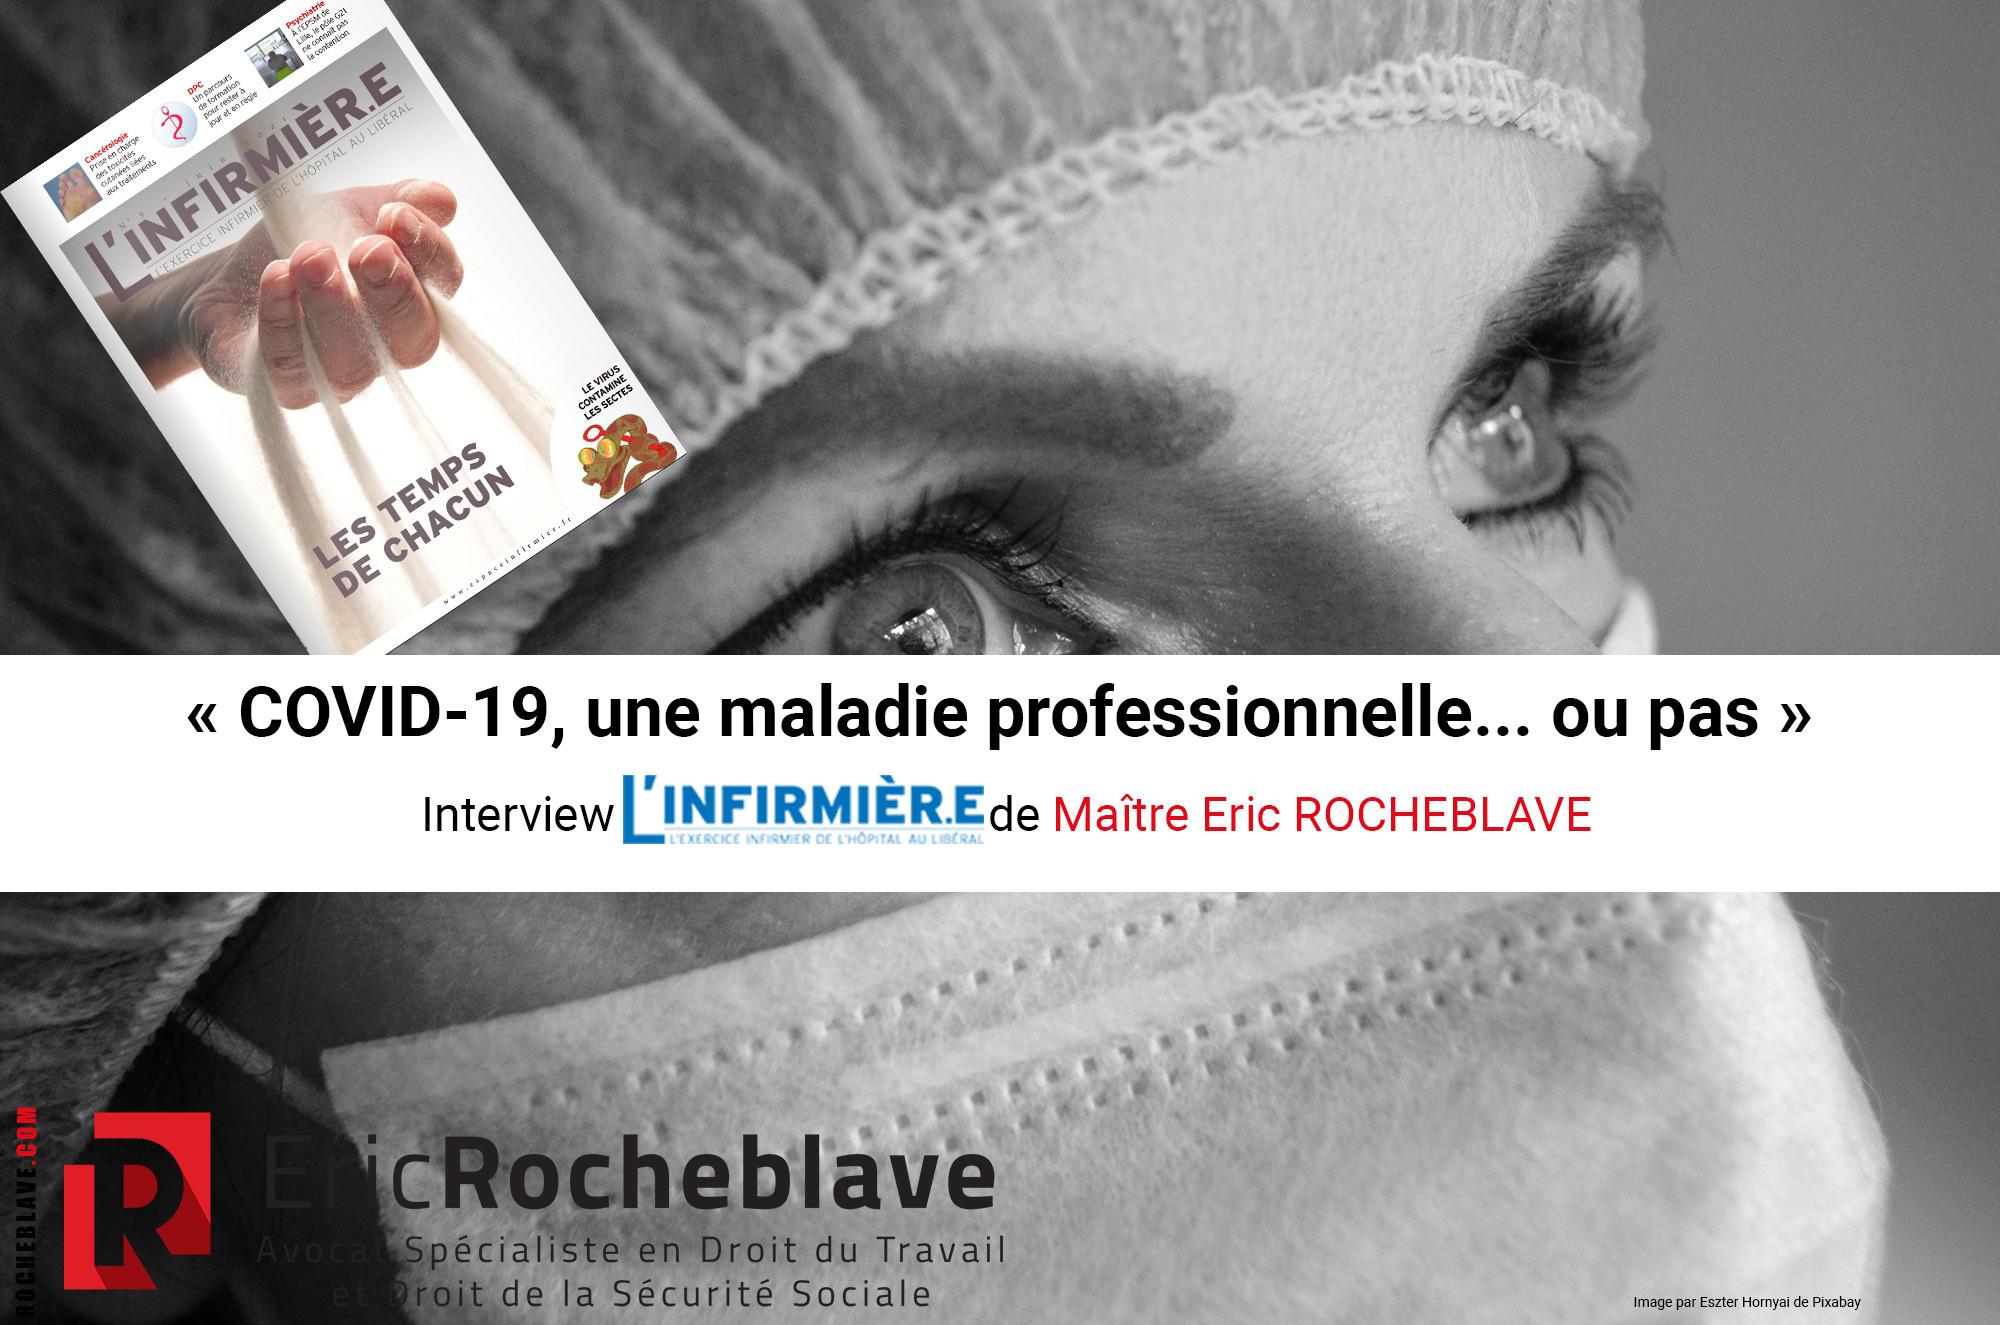 « COVID-19, une maladie professionnelle… ou pas » Interview L'INFIRMIER.E de Maître Eric ROCHEBLAVE